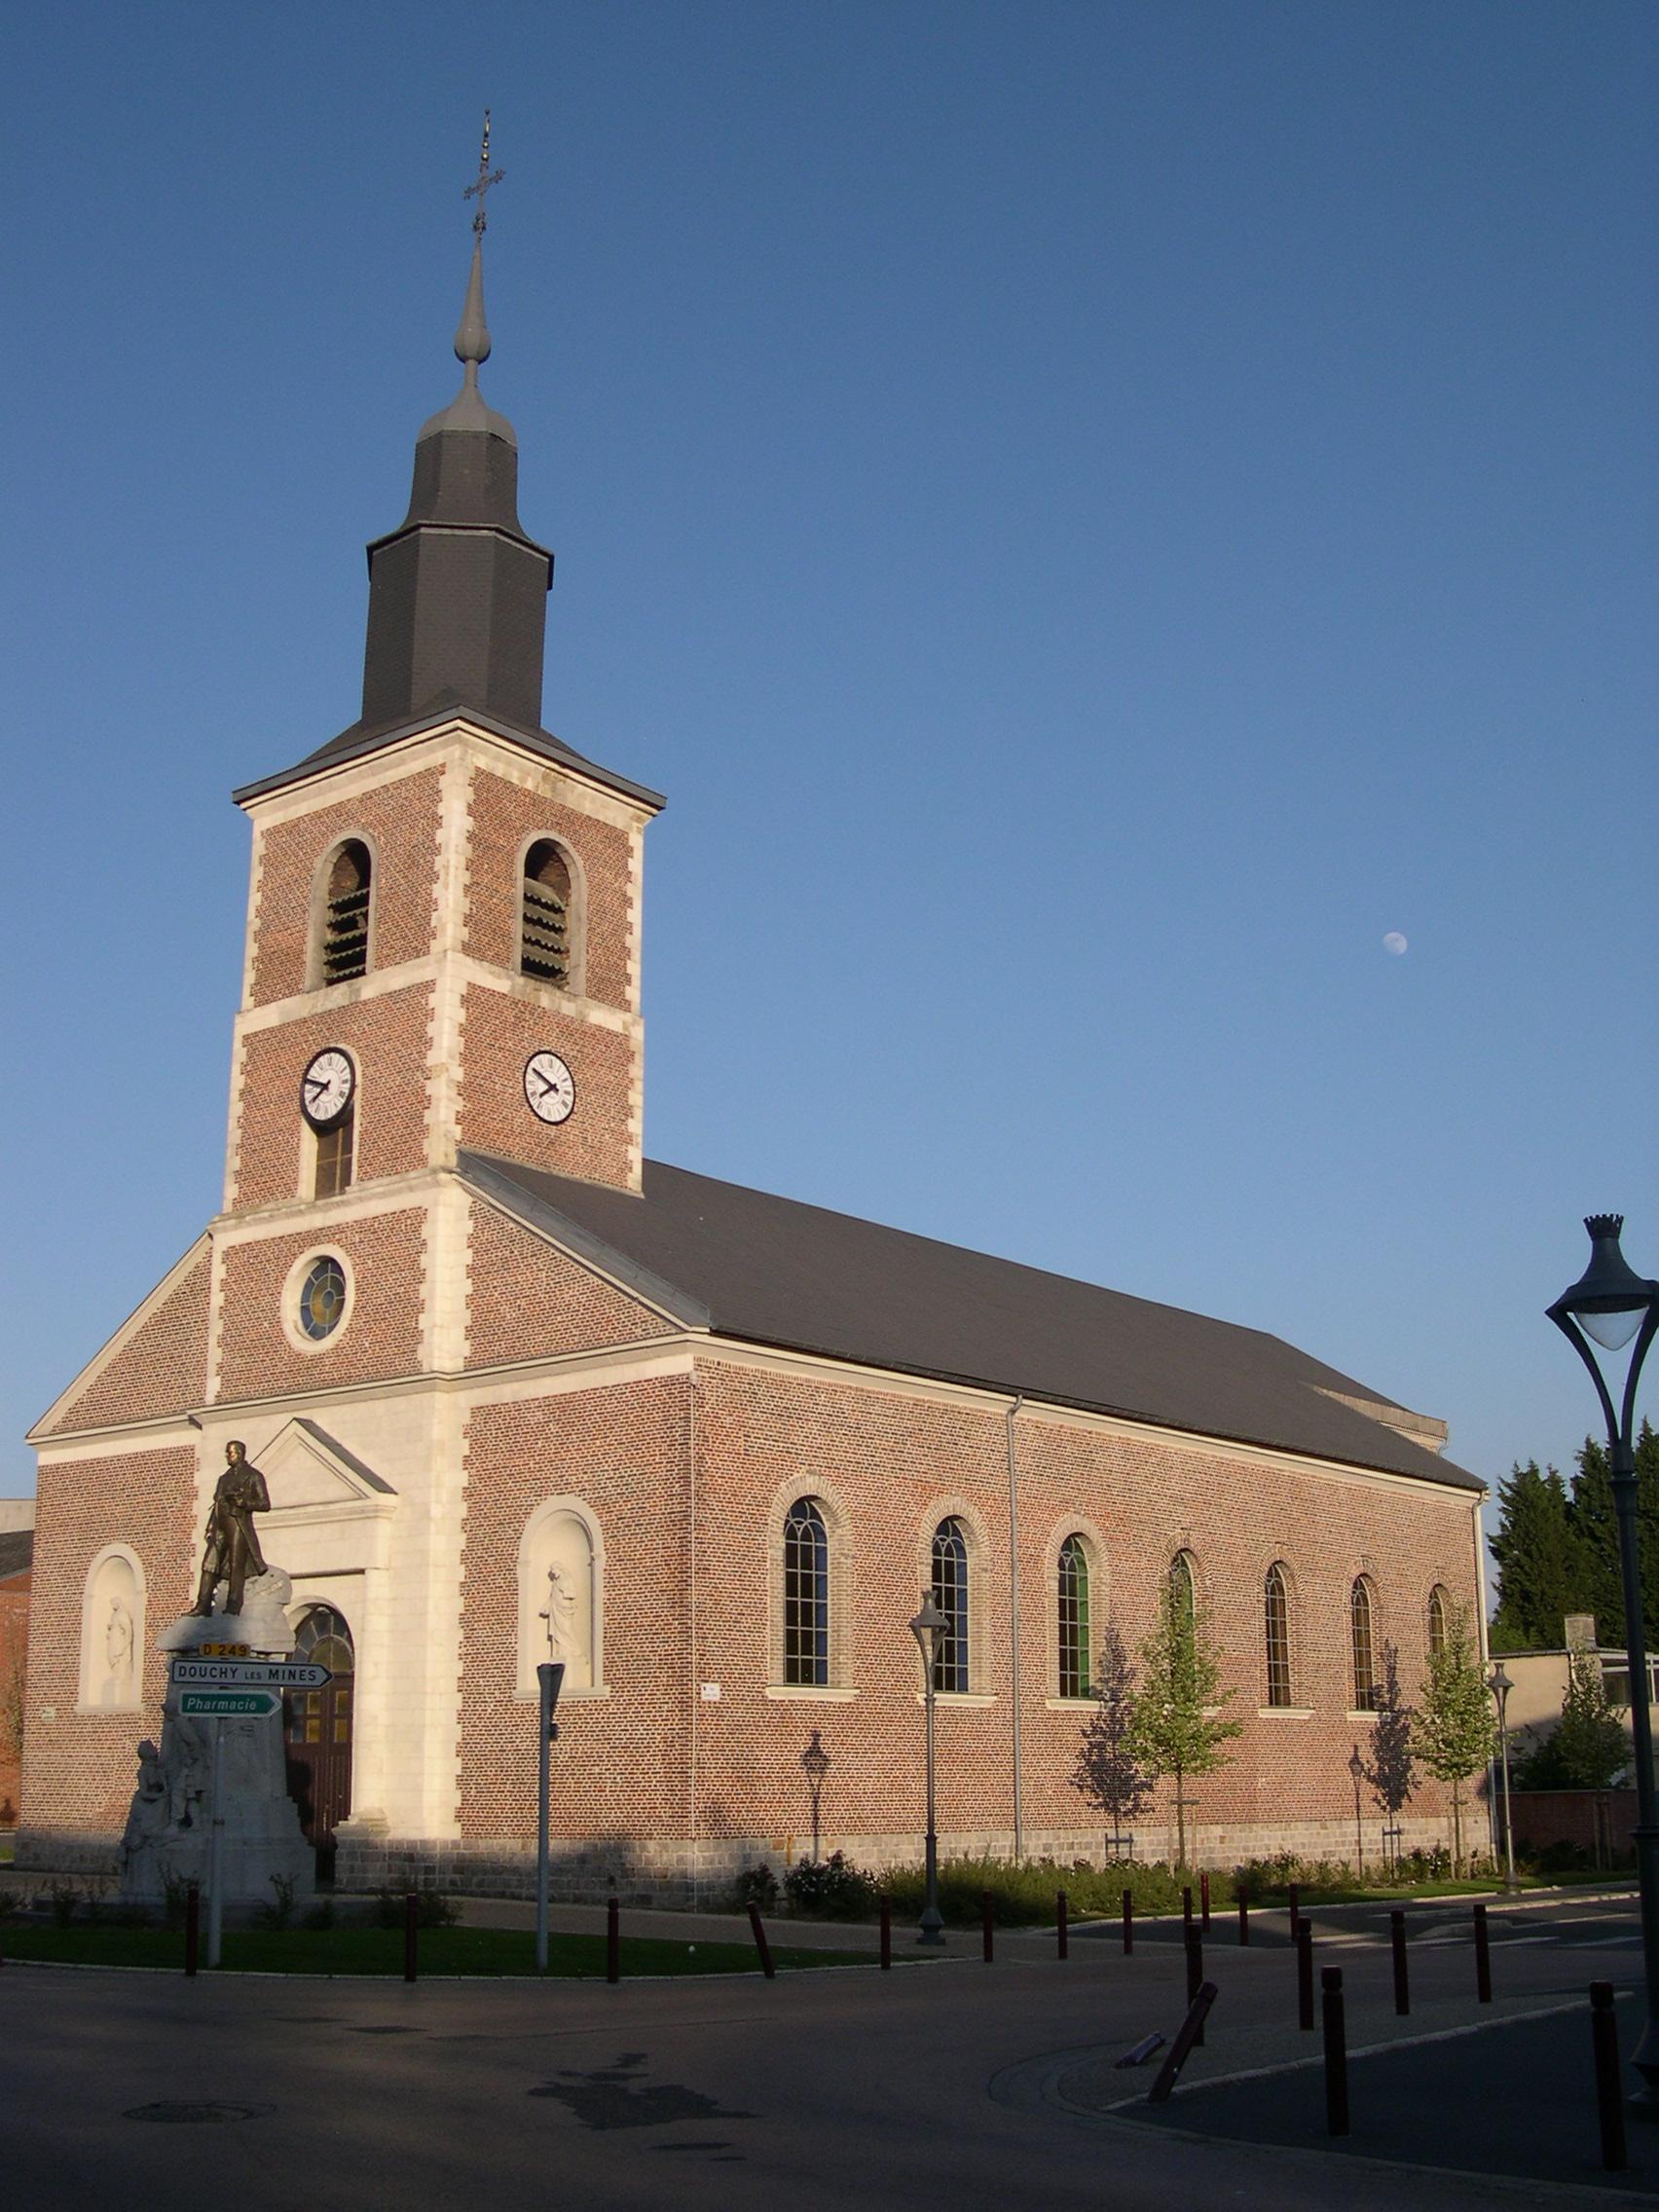 église Notre dame de l'Assomption à Lourches